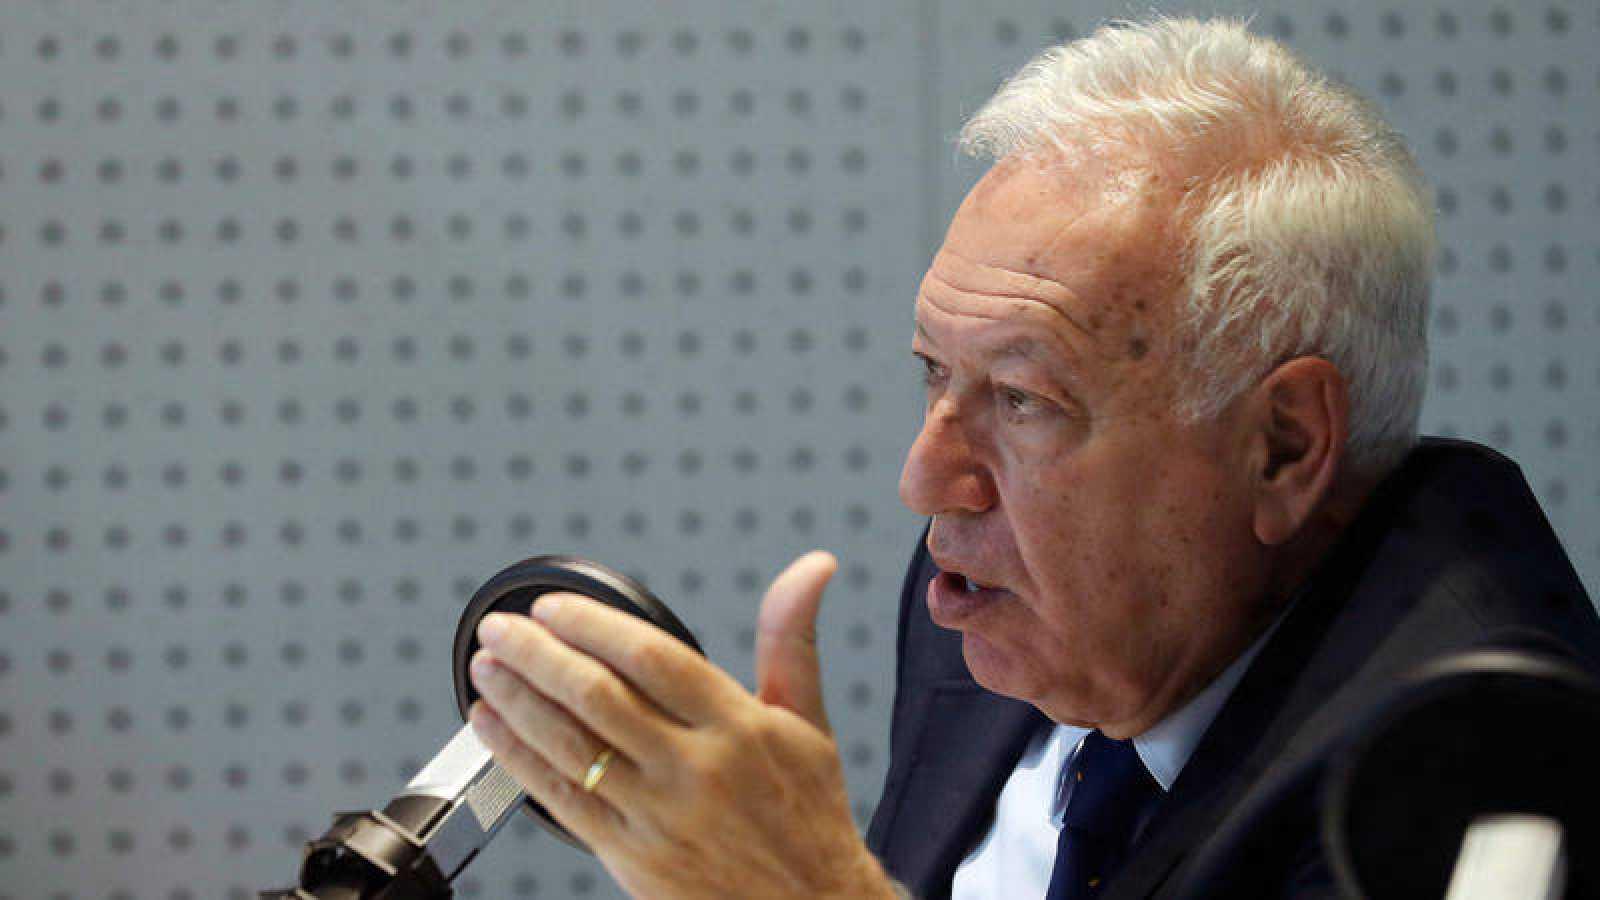 El diputado y exministro de Asunto Exteriores José Manuel García-Margallo